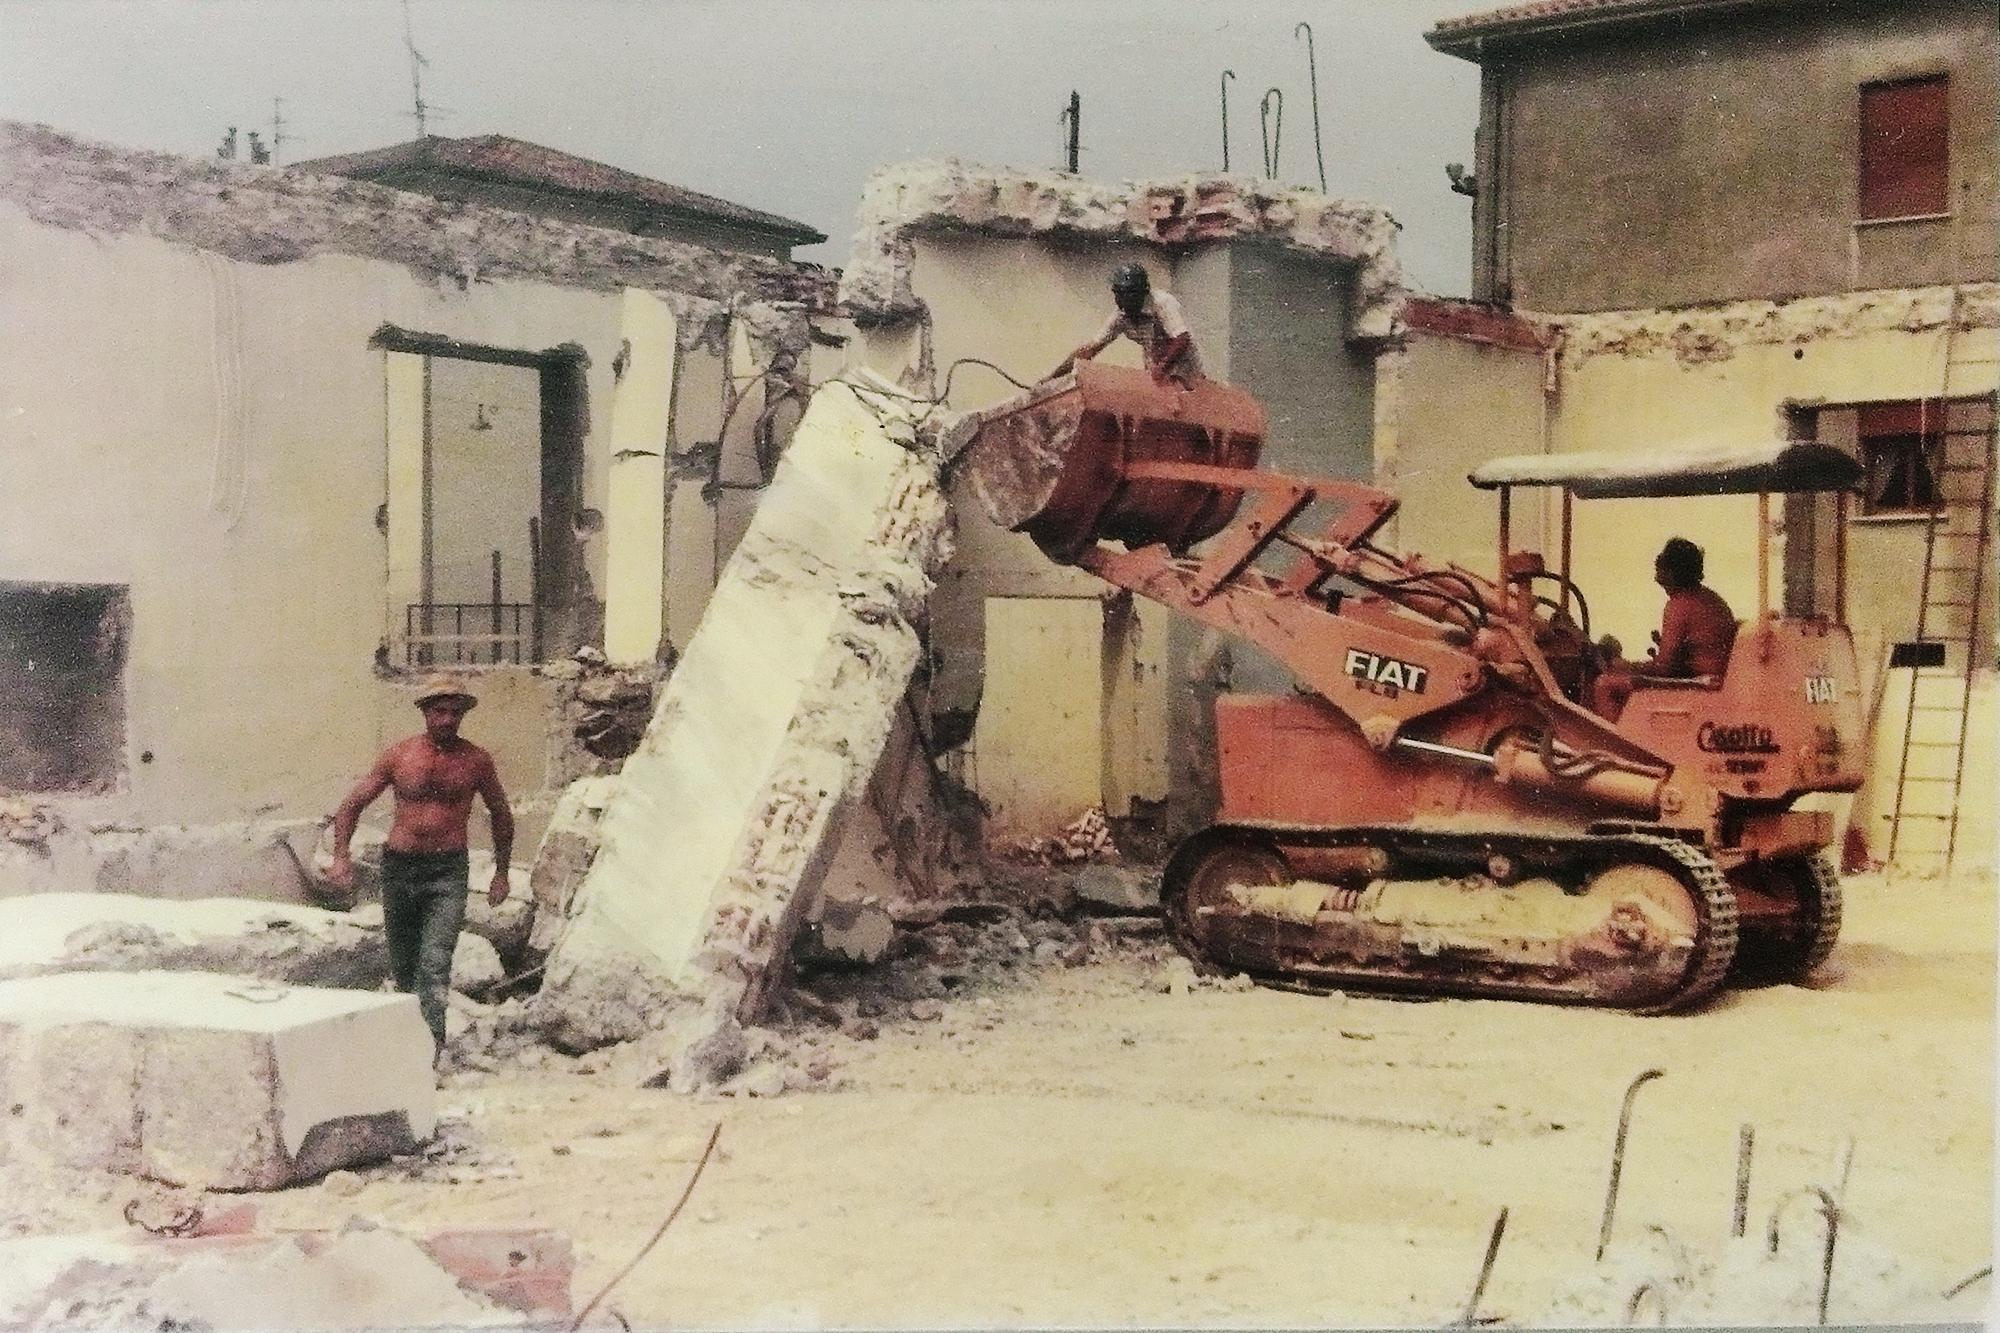 Battaglia Terme, nuova Chiesa parrocchiale, 1981. Lavori per adattare la costruzione già iniziata al progetto definitivo (2).